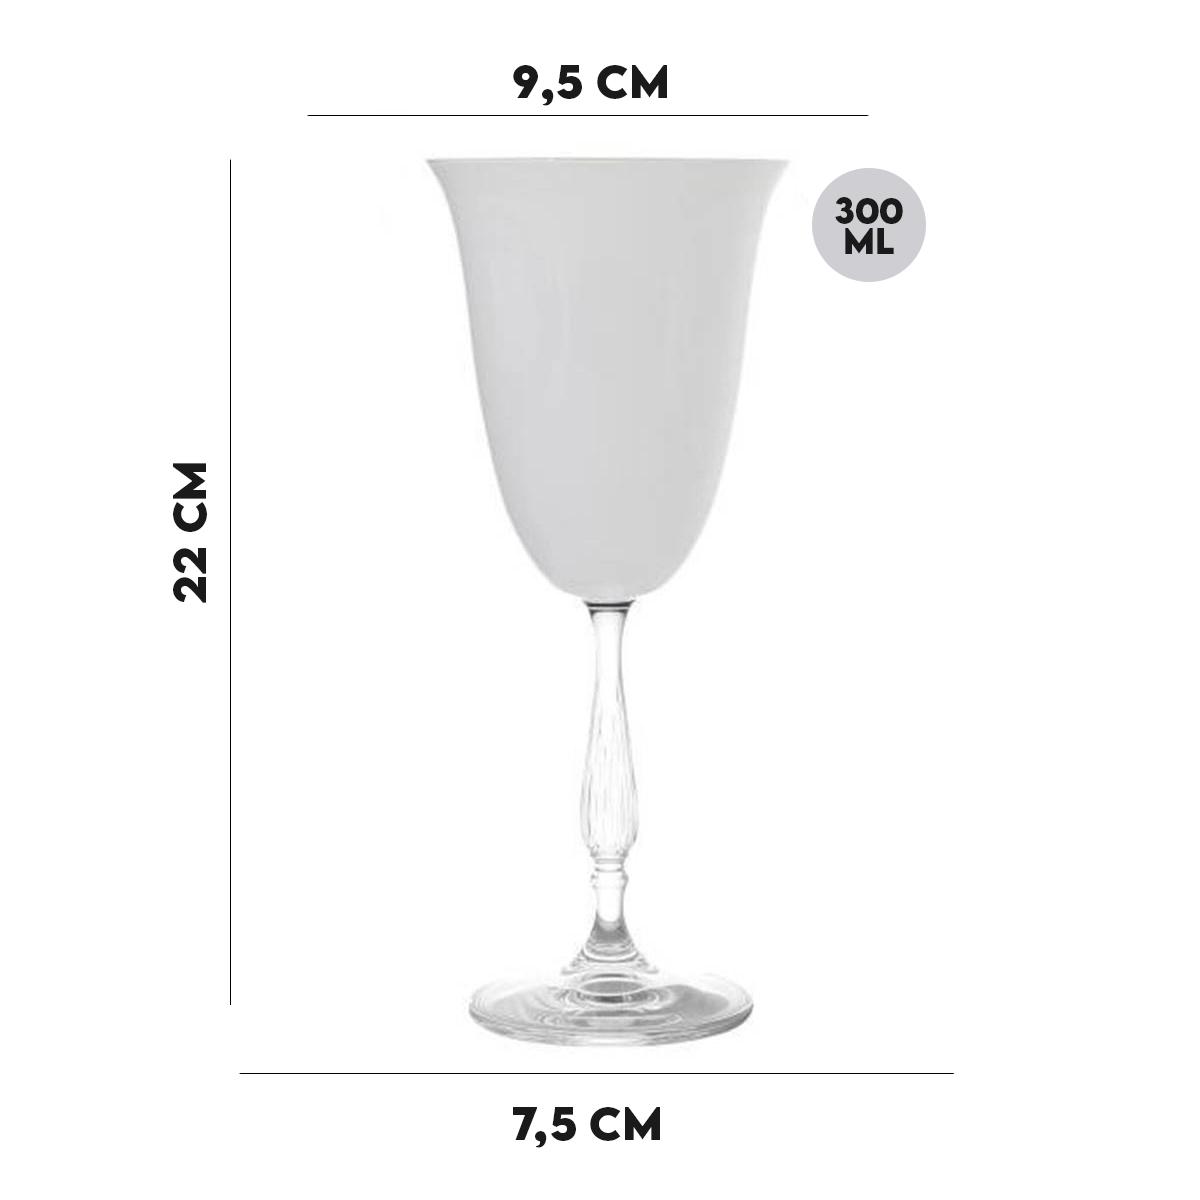 Taça de Vidro Lyor 300 ml Branca  - Lemis